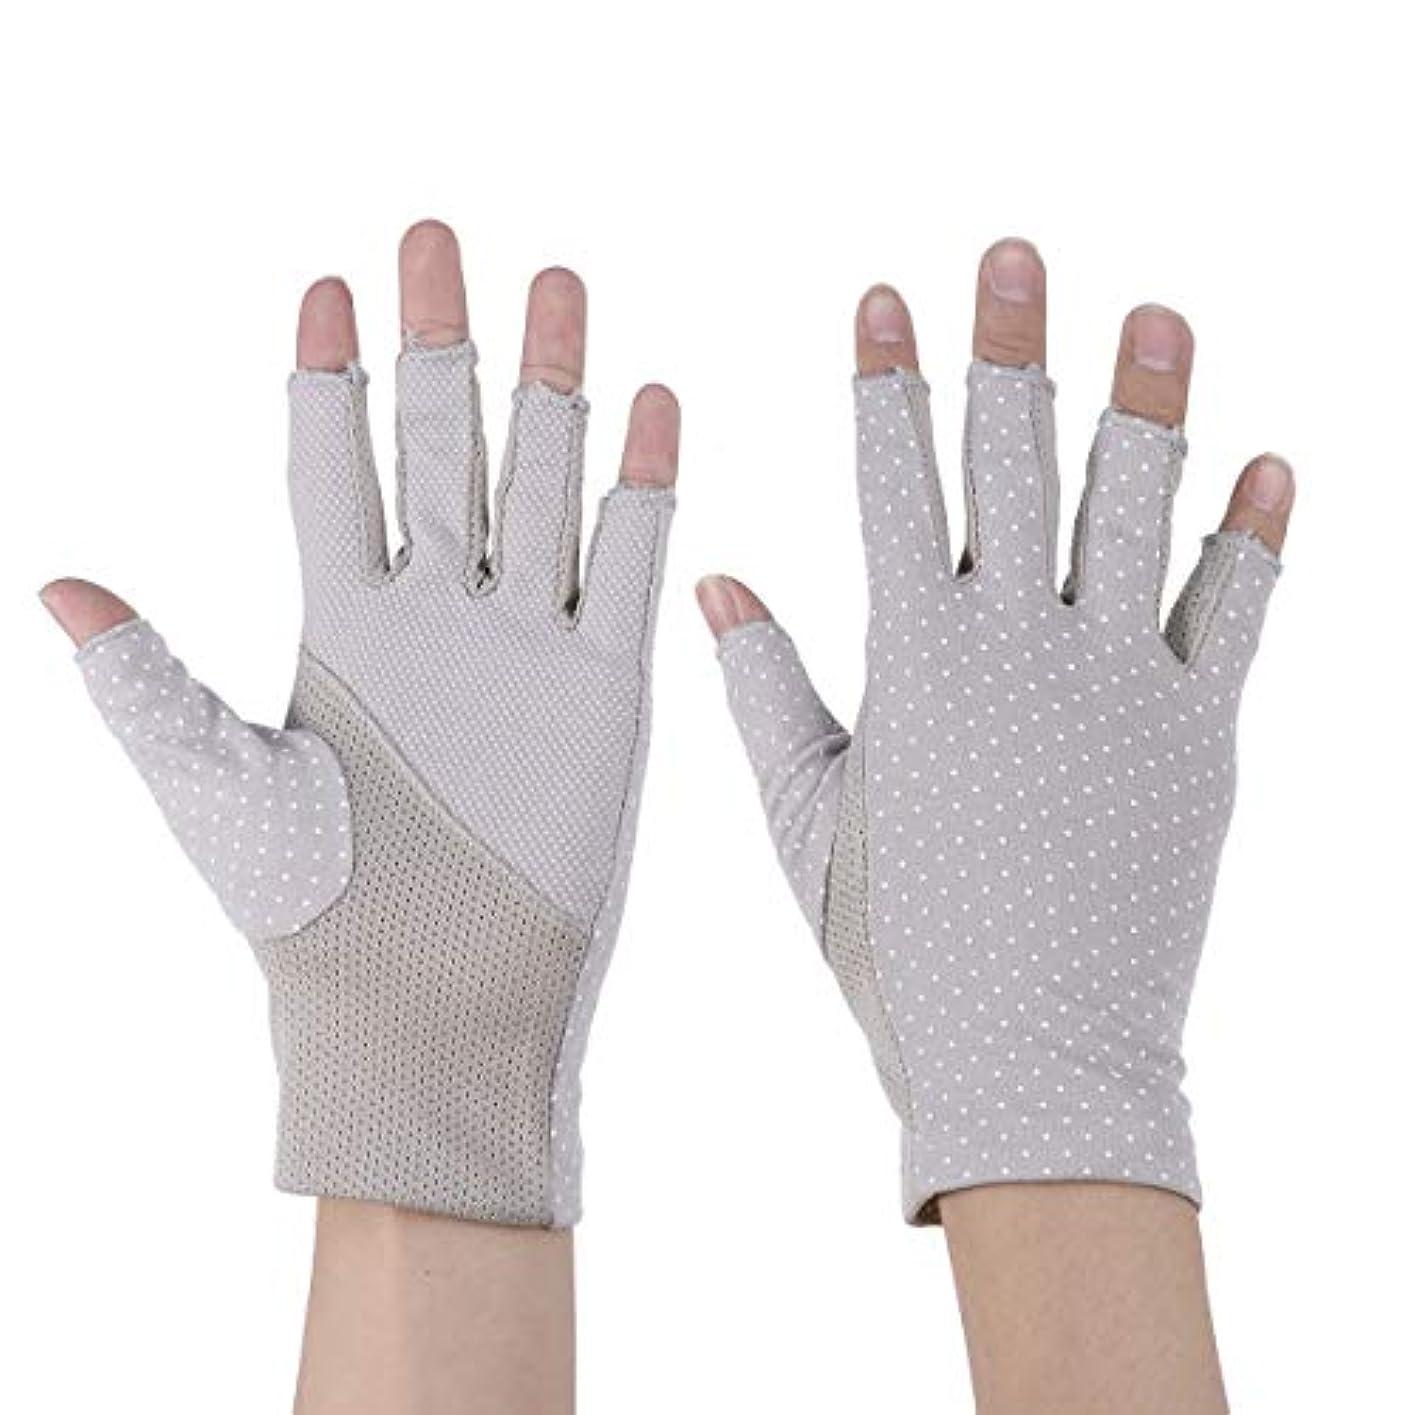 南東禁止アカデミックHealifty 1ペア日焼け止め手袋ワークアウトミトンハーフフィンガー紫外線保護手袋用サイクリンググレー